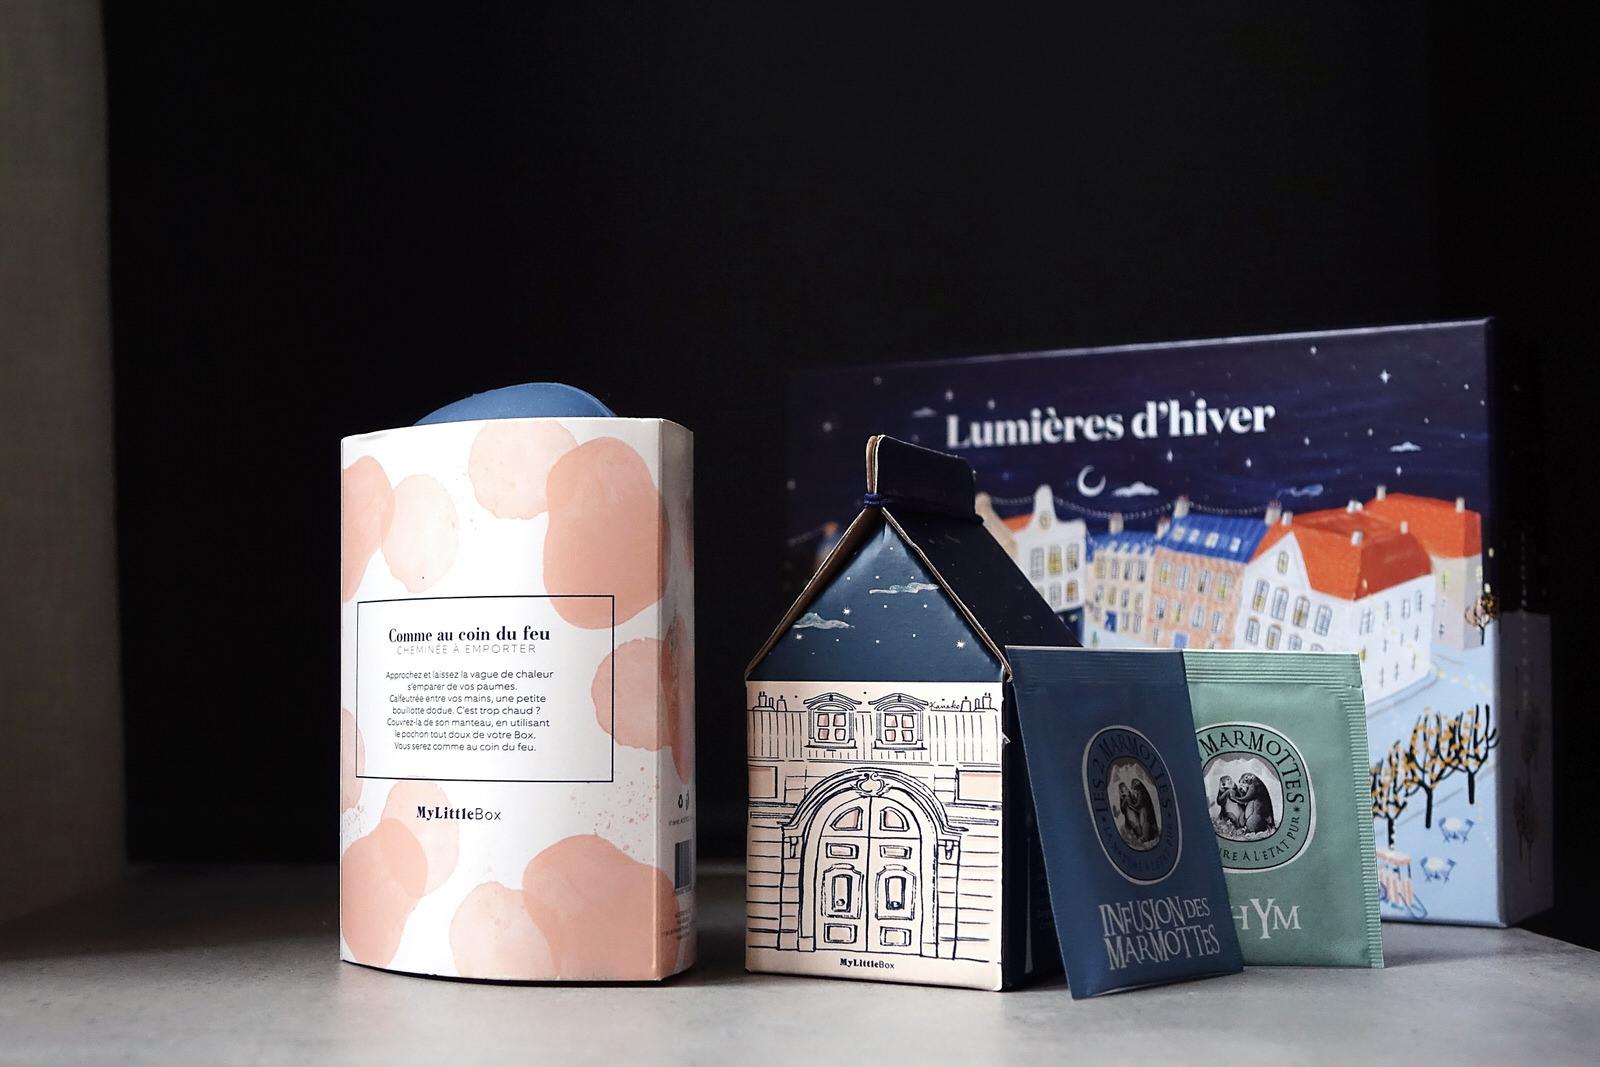 Le contenu de My Little Box de novembre 2019, lumières d'hiver